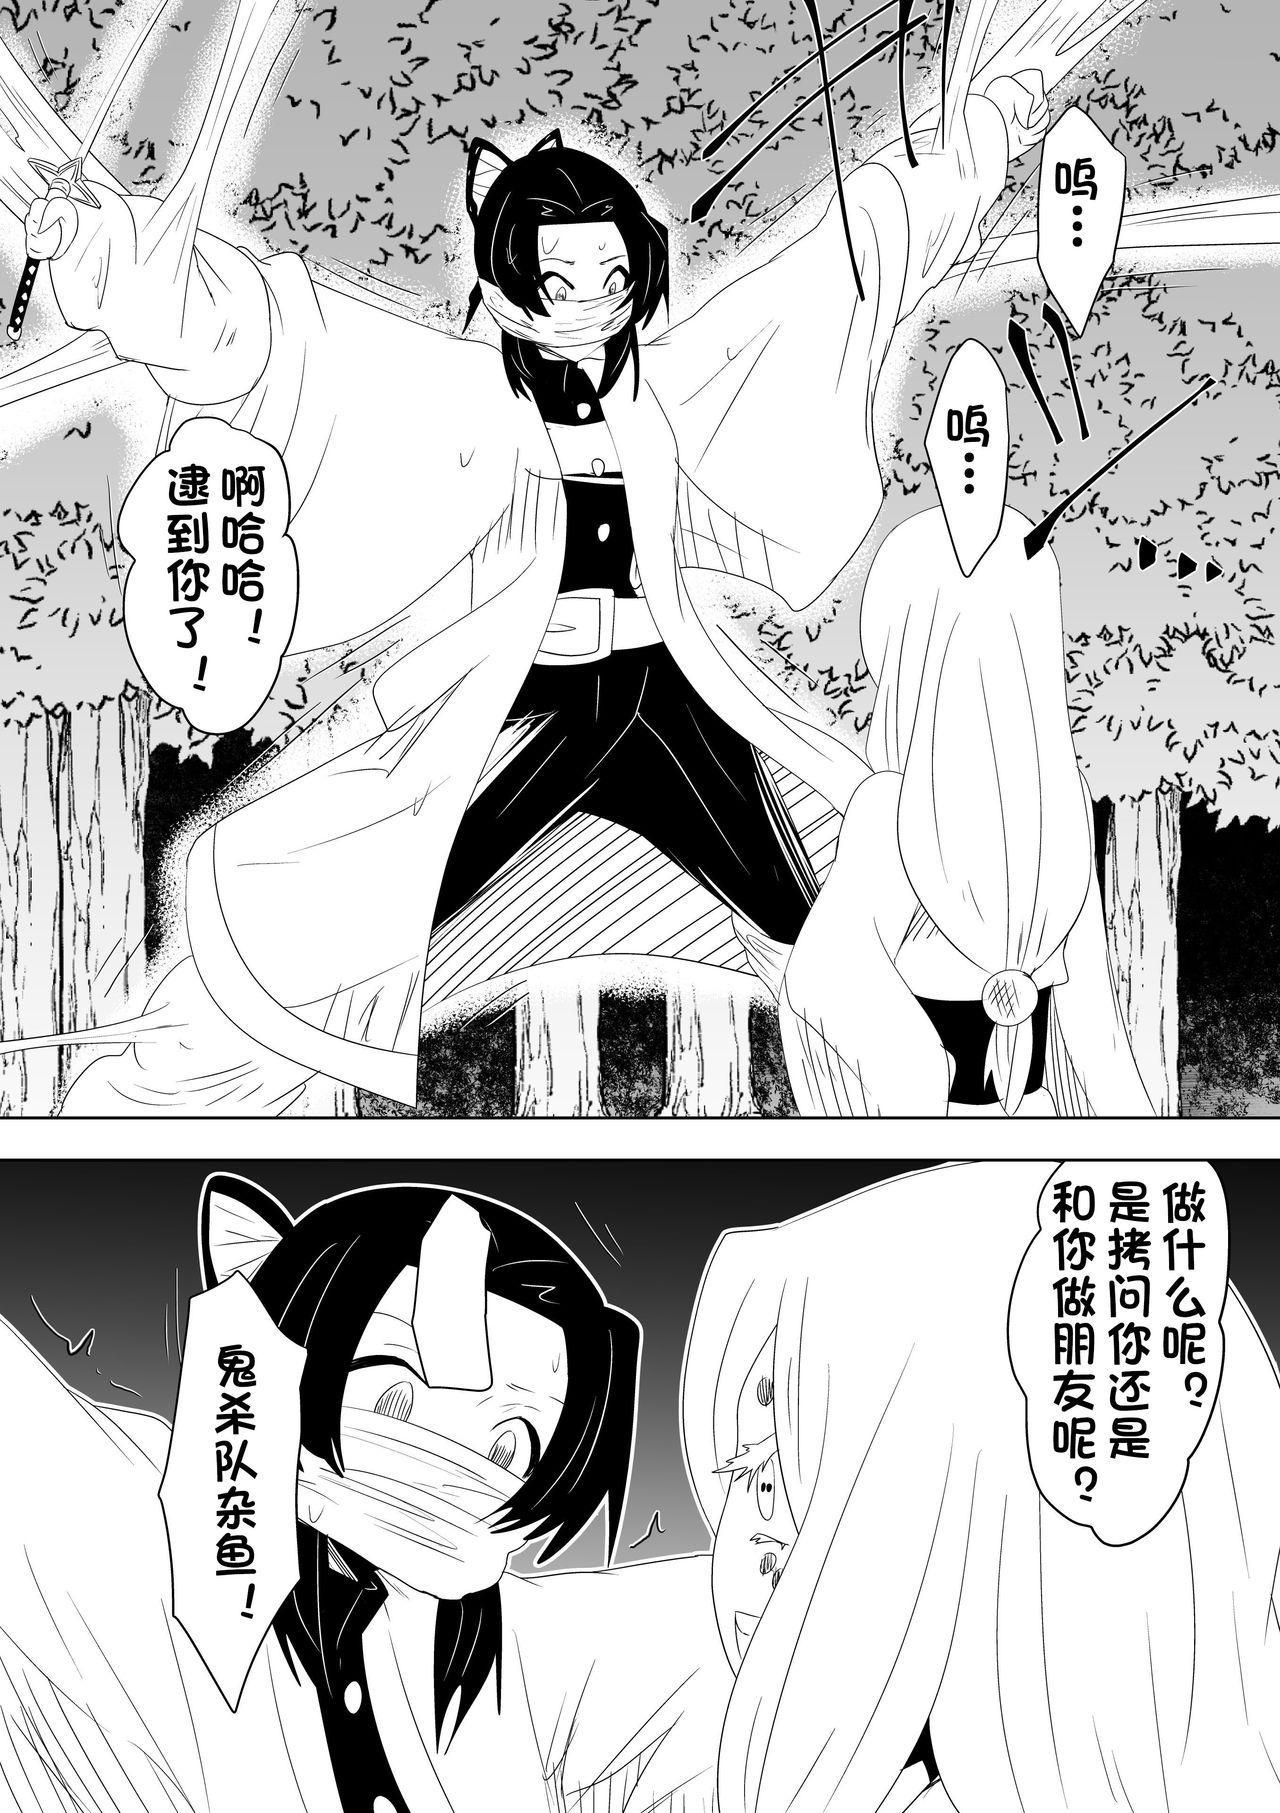 Hametsu no Shinobu 4